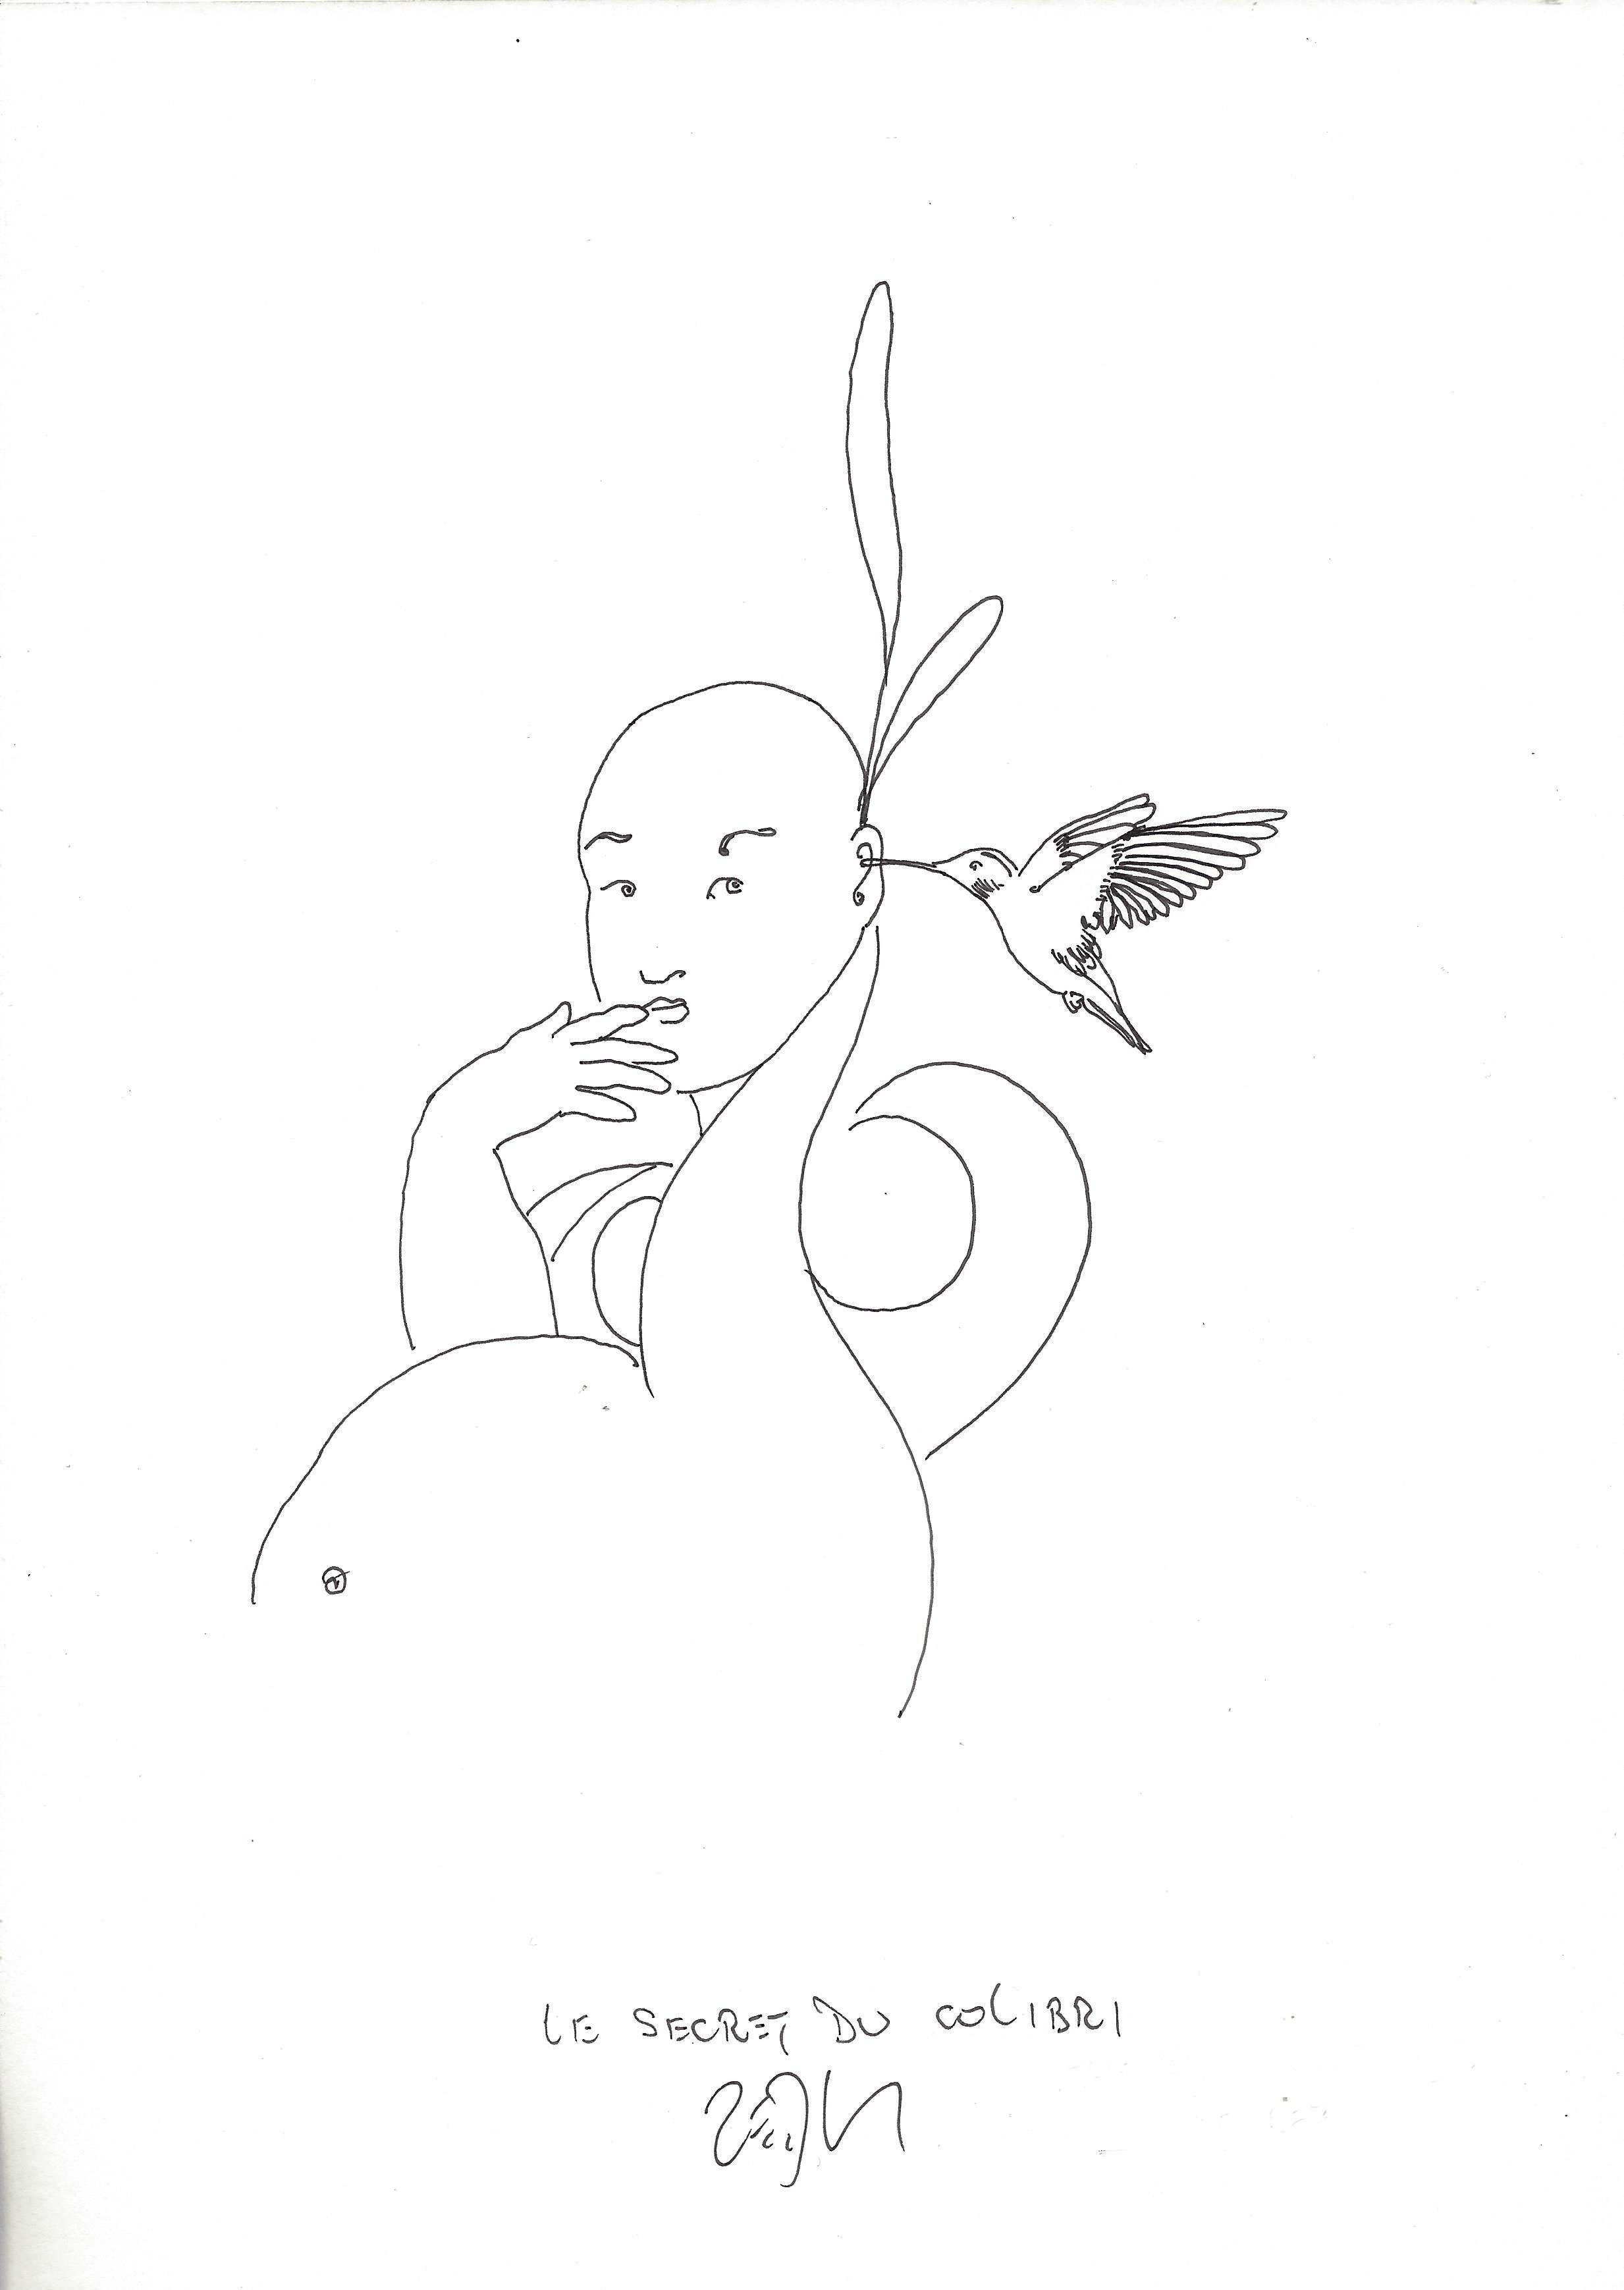 « The hummingbird's secret – Le secret du colibri »